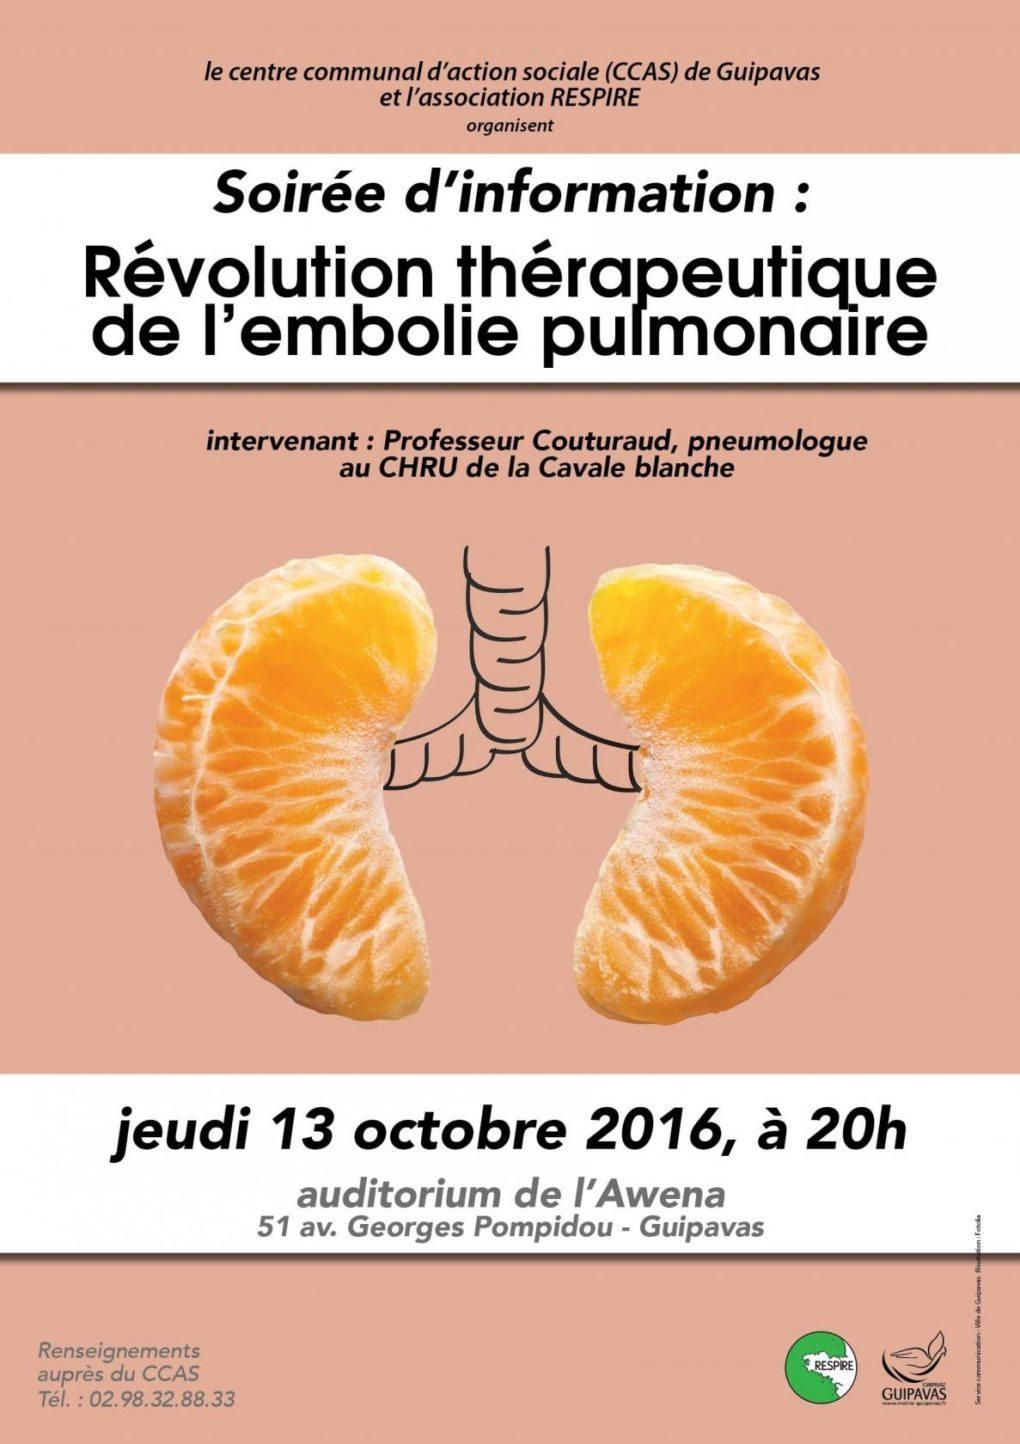 La révolution thérapeutique de l'embolie pulmonaire Guipavas